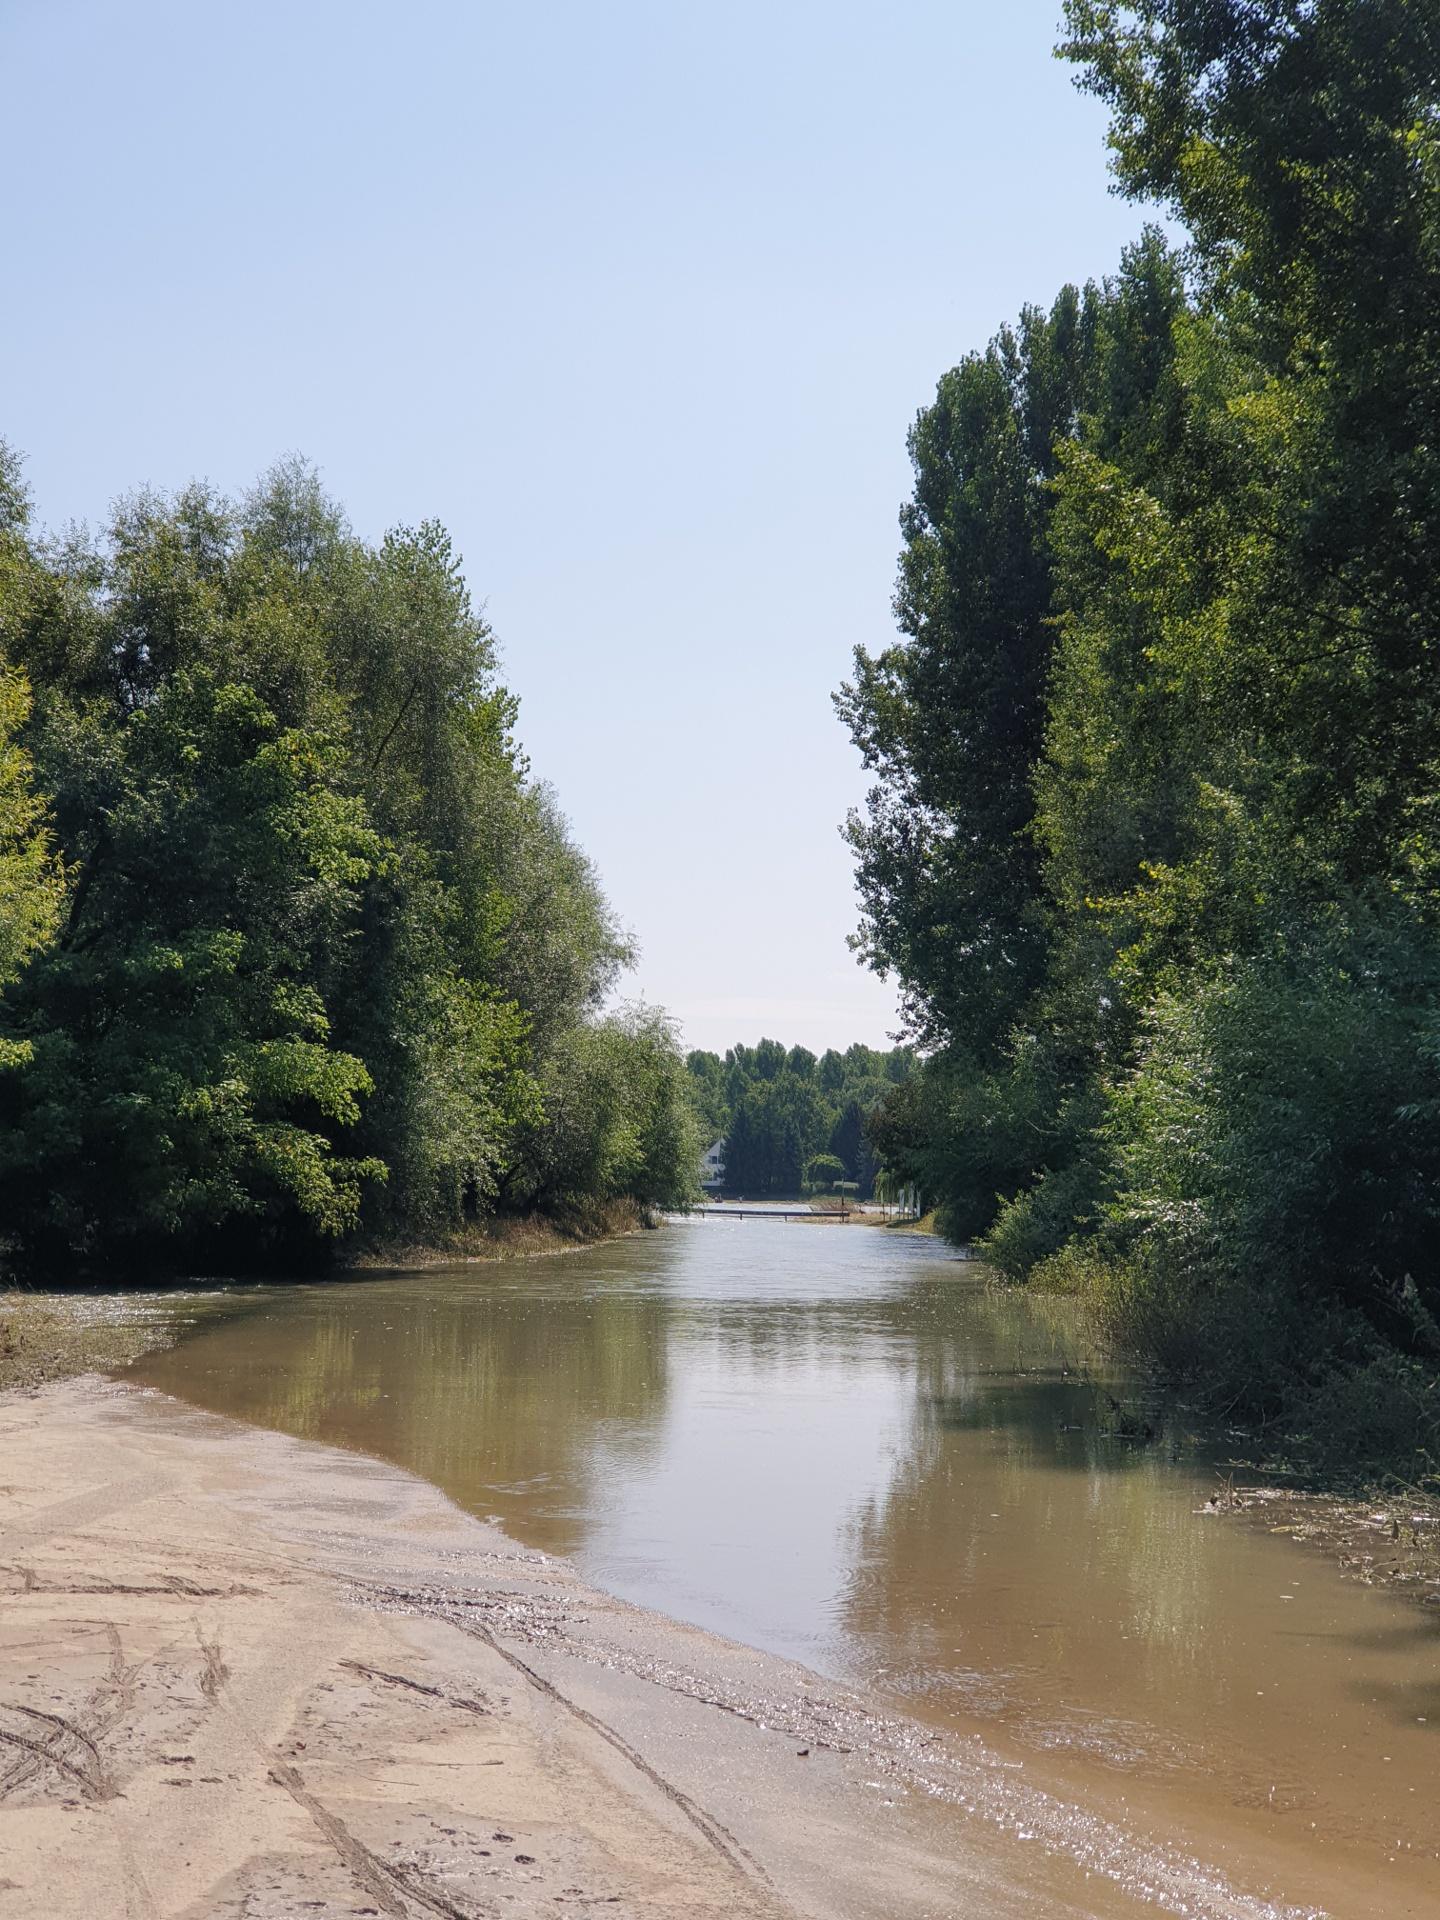 Hochwasser auf dem Weg zur Rheinfähre